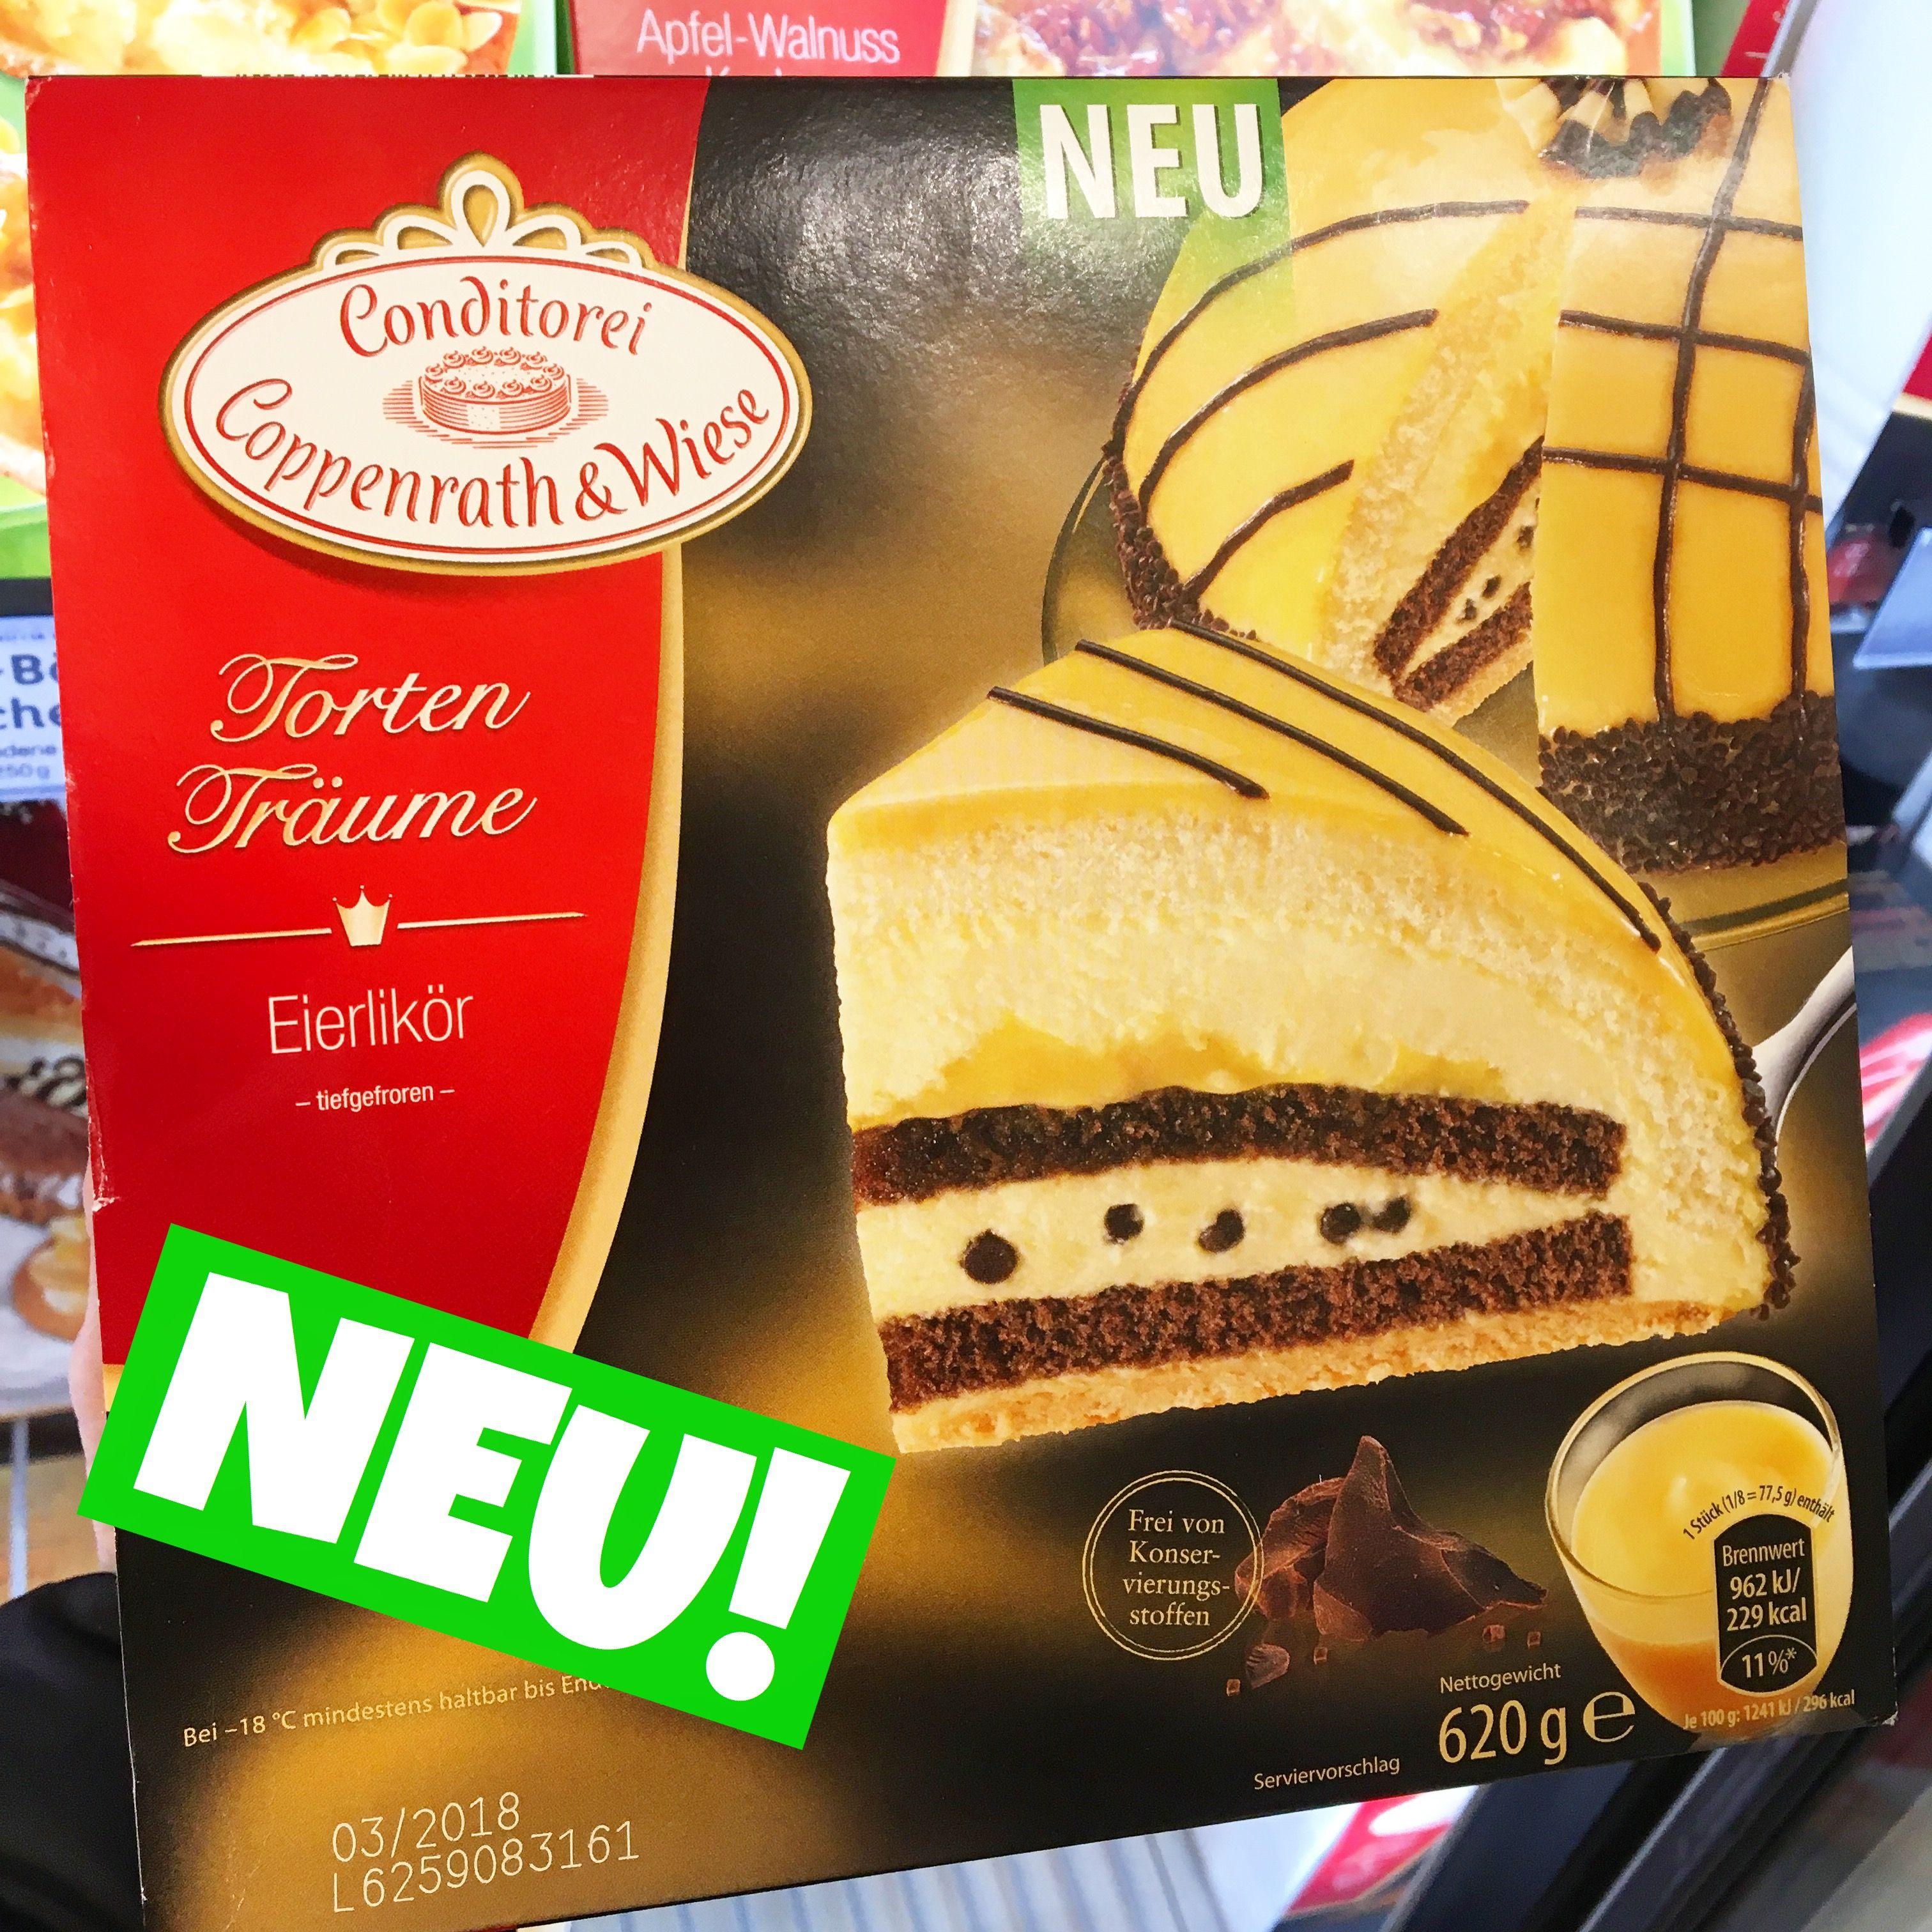 Neue Eierlikor Torte Von Coppenrath Wiese Kaffee Kuchen Mit Schuss Mit Bildern Kaffee Und Kuchen Torten Lebensmittel